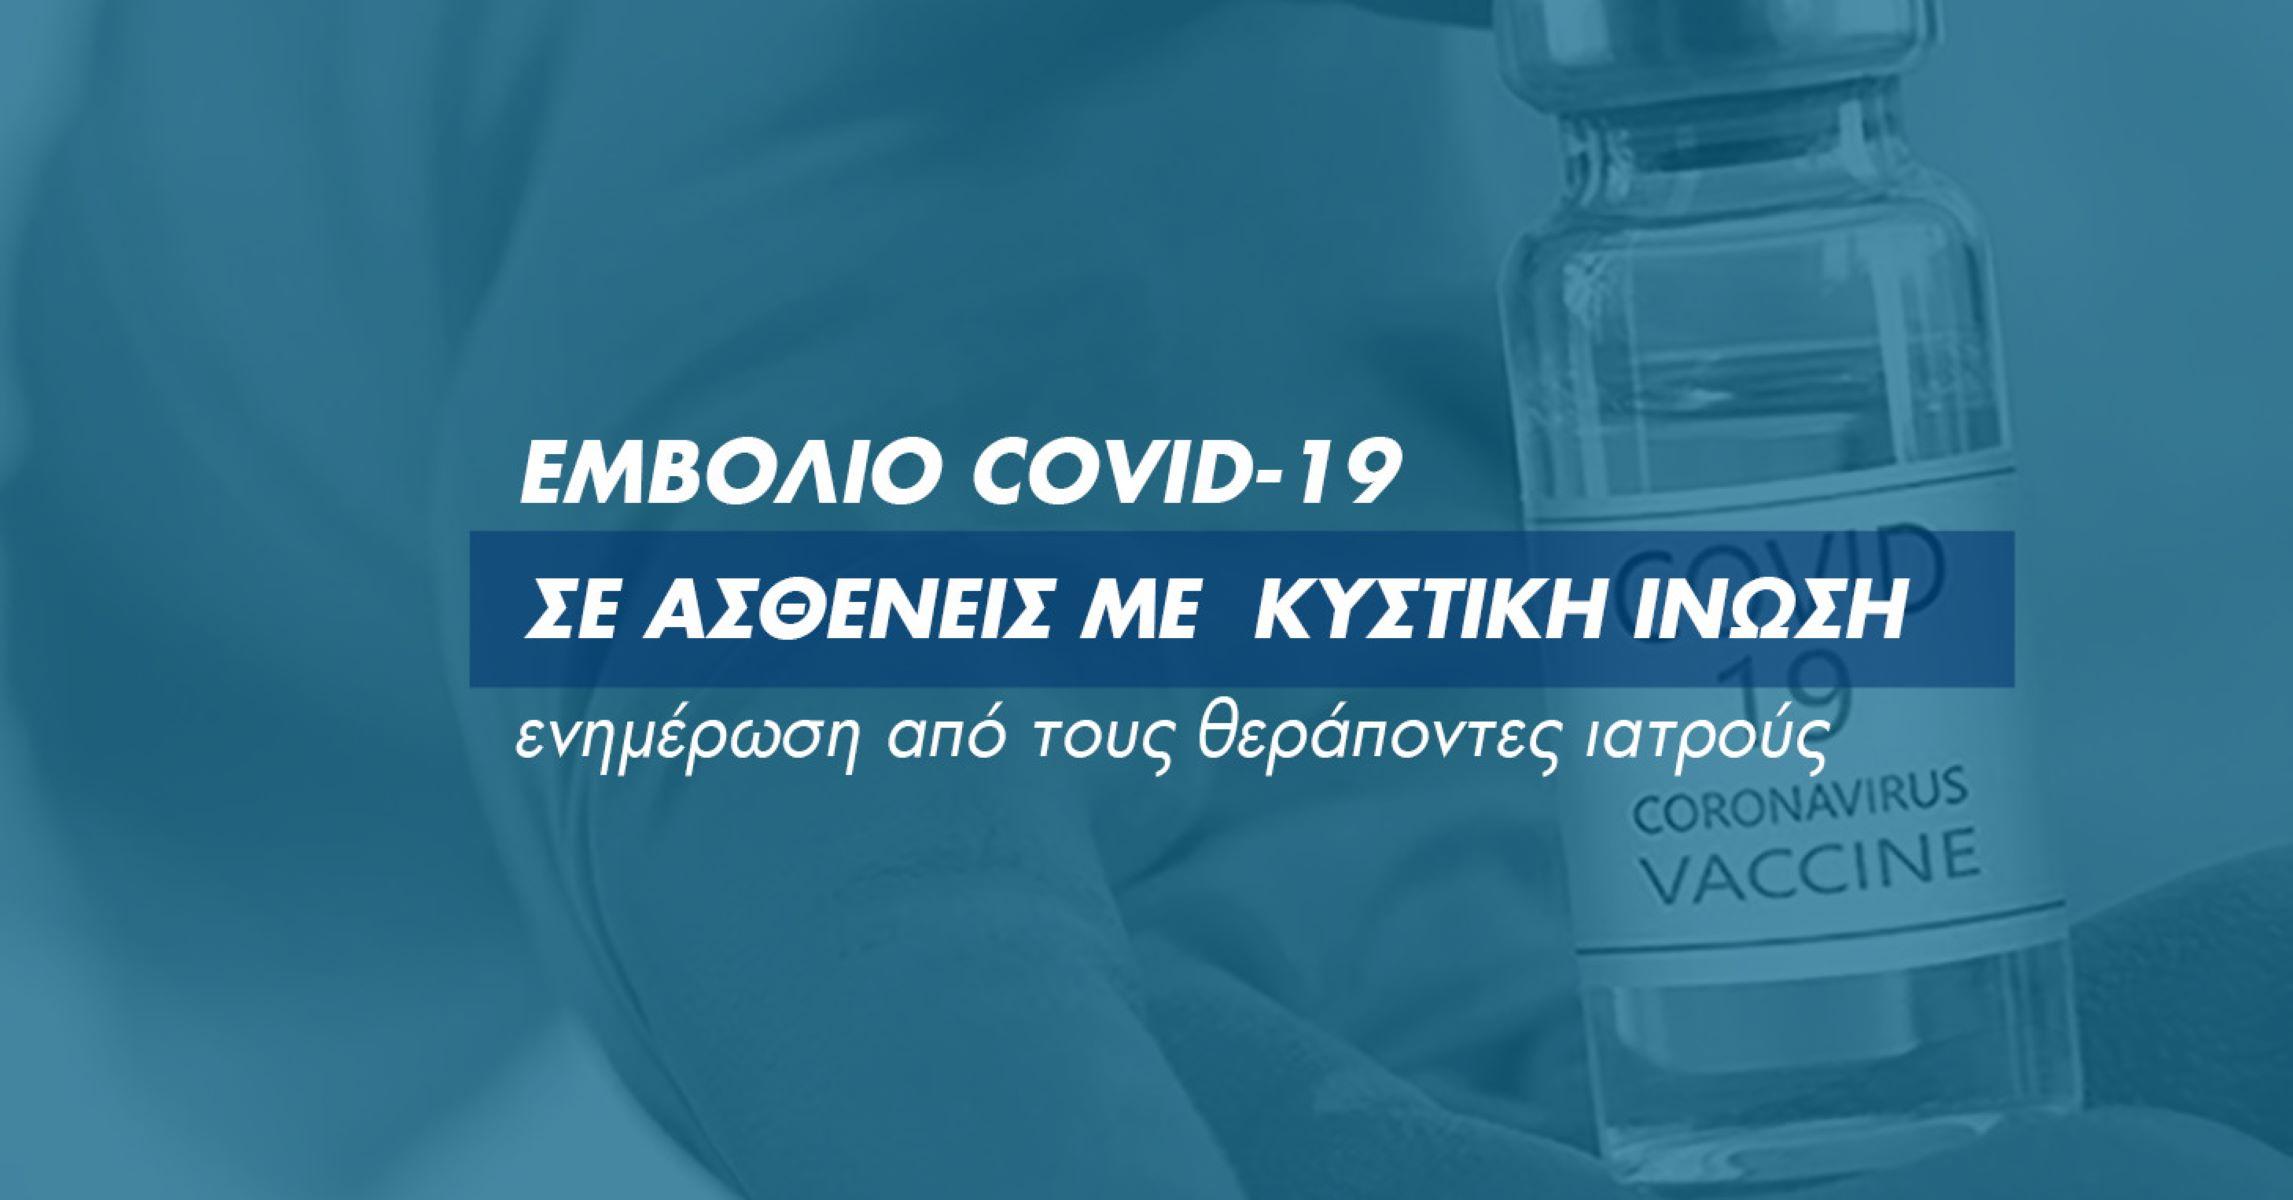 Κορωνοϊός εμβόλιο και Κυστική Ίνωση